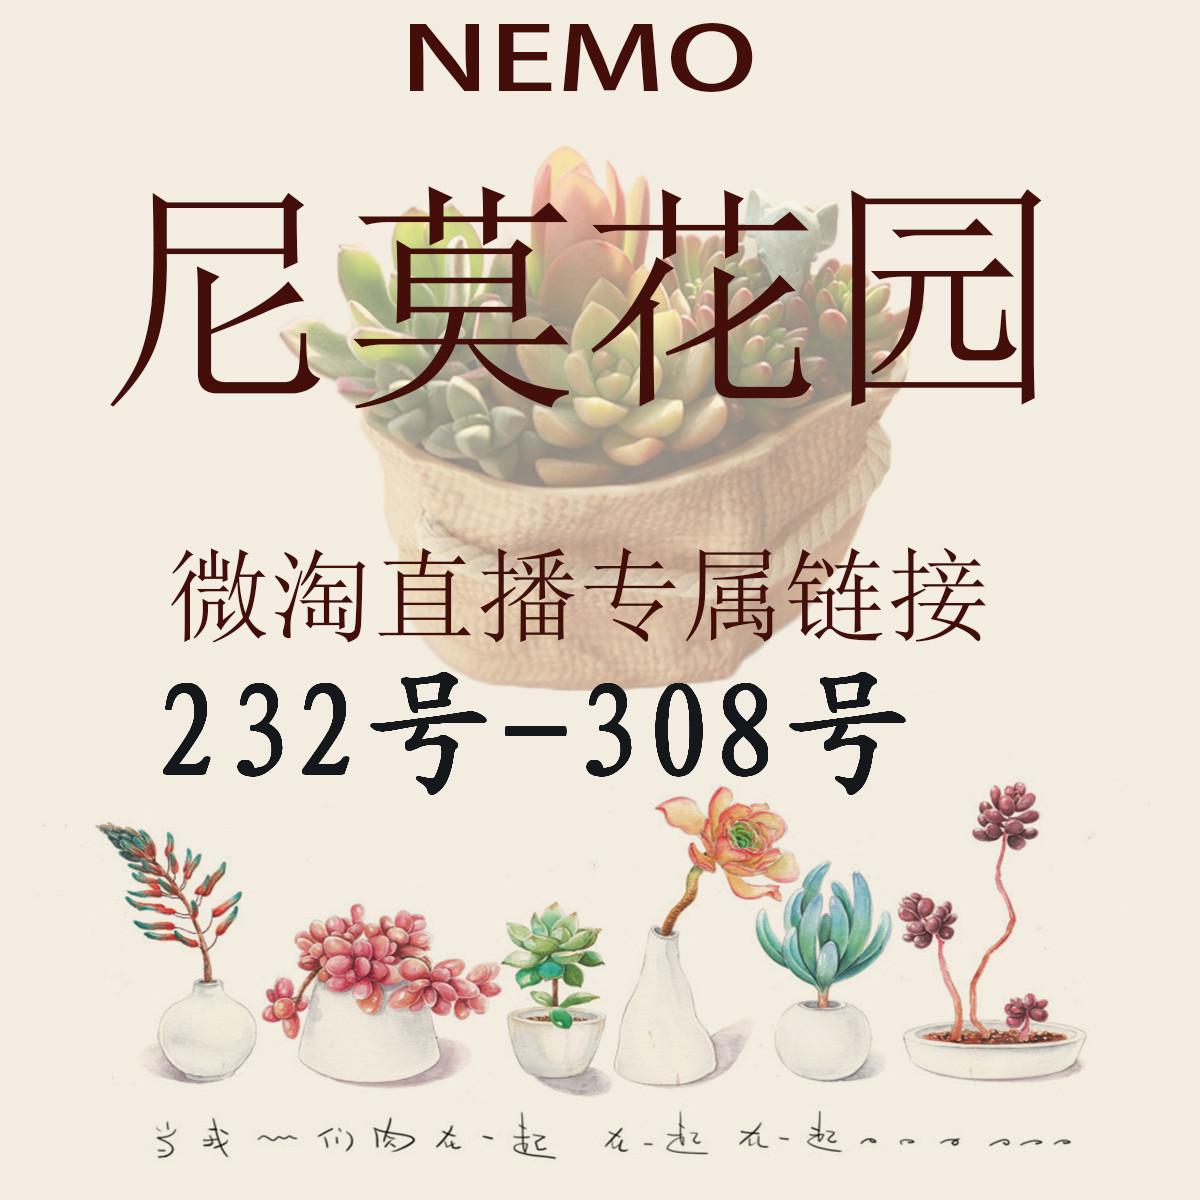 232-308号 尼莫花园 多肉植物  微淘直播专属链接  满68元包邮哦